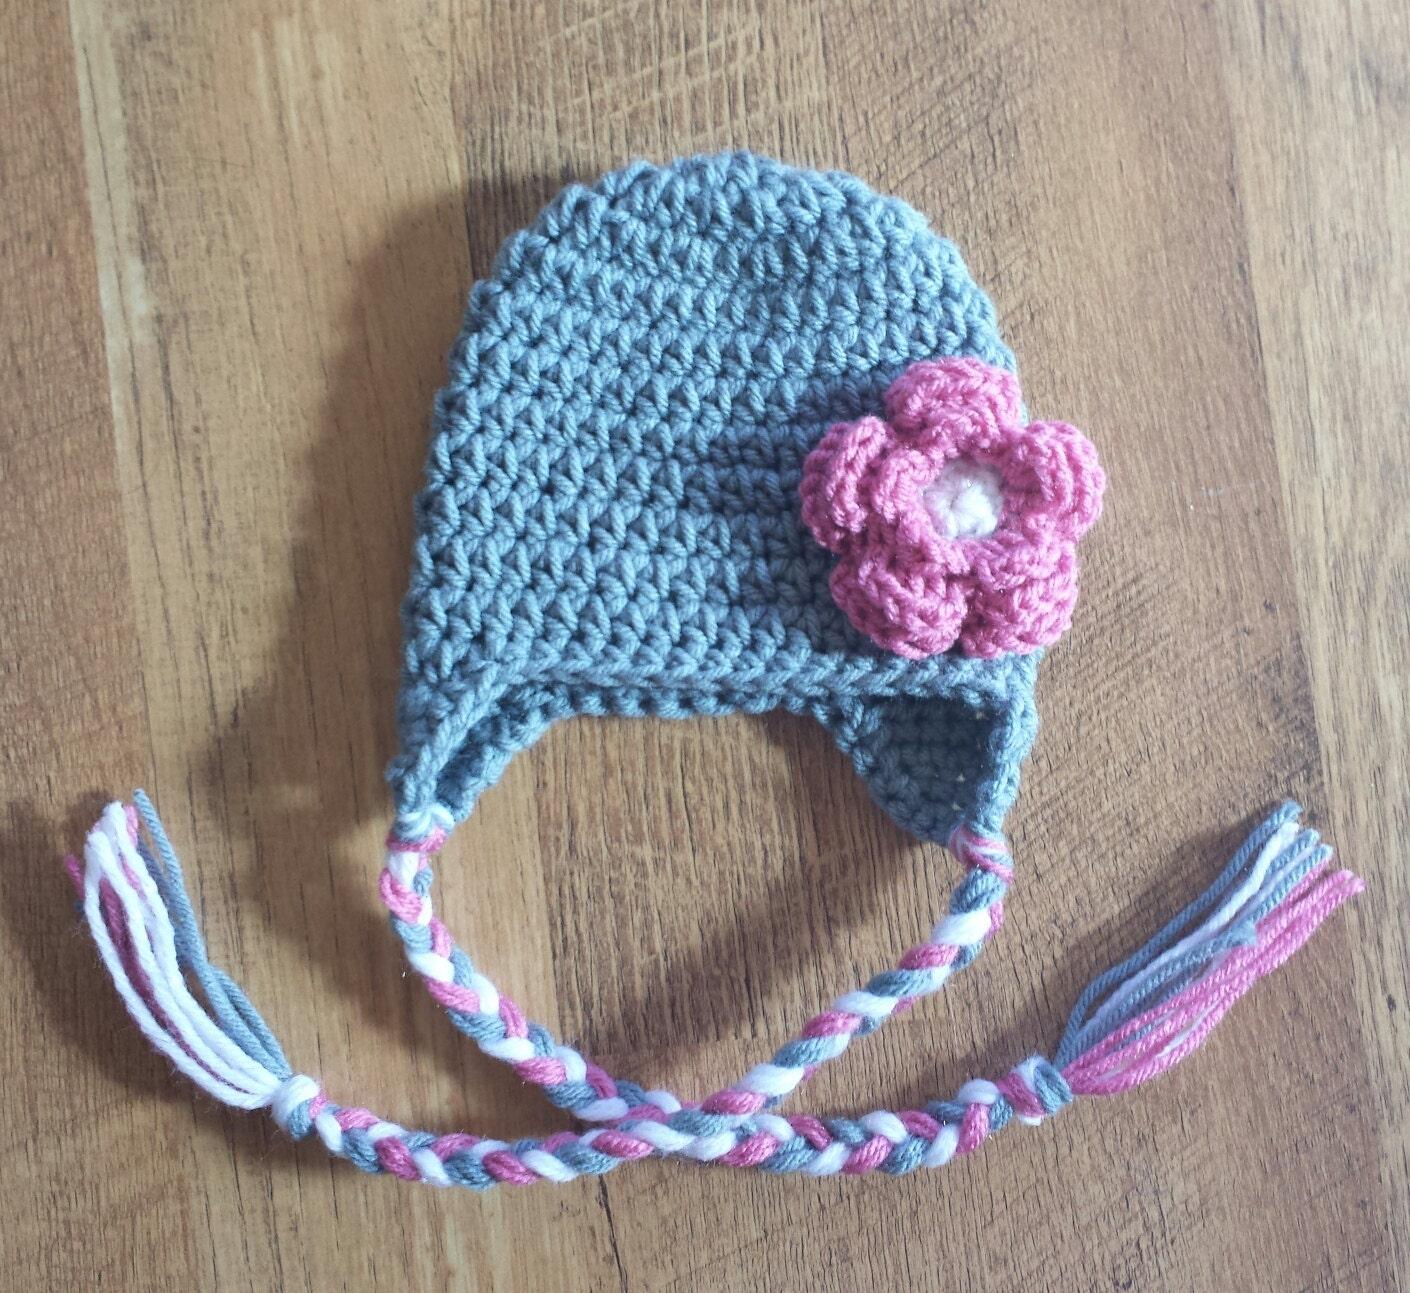 Crochet Beanie Hat With Ear Flaps Pattern : Items similar to Crochet Pattern for Flowered Beanie with ...